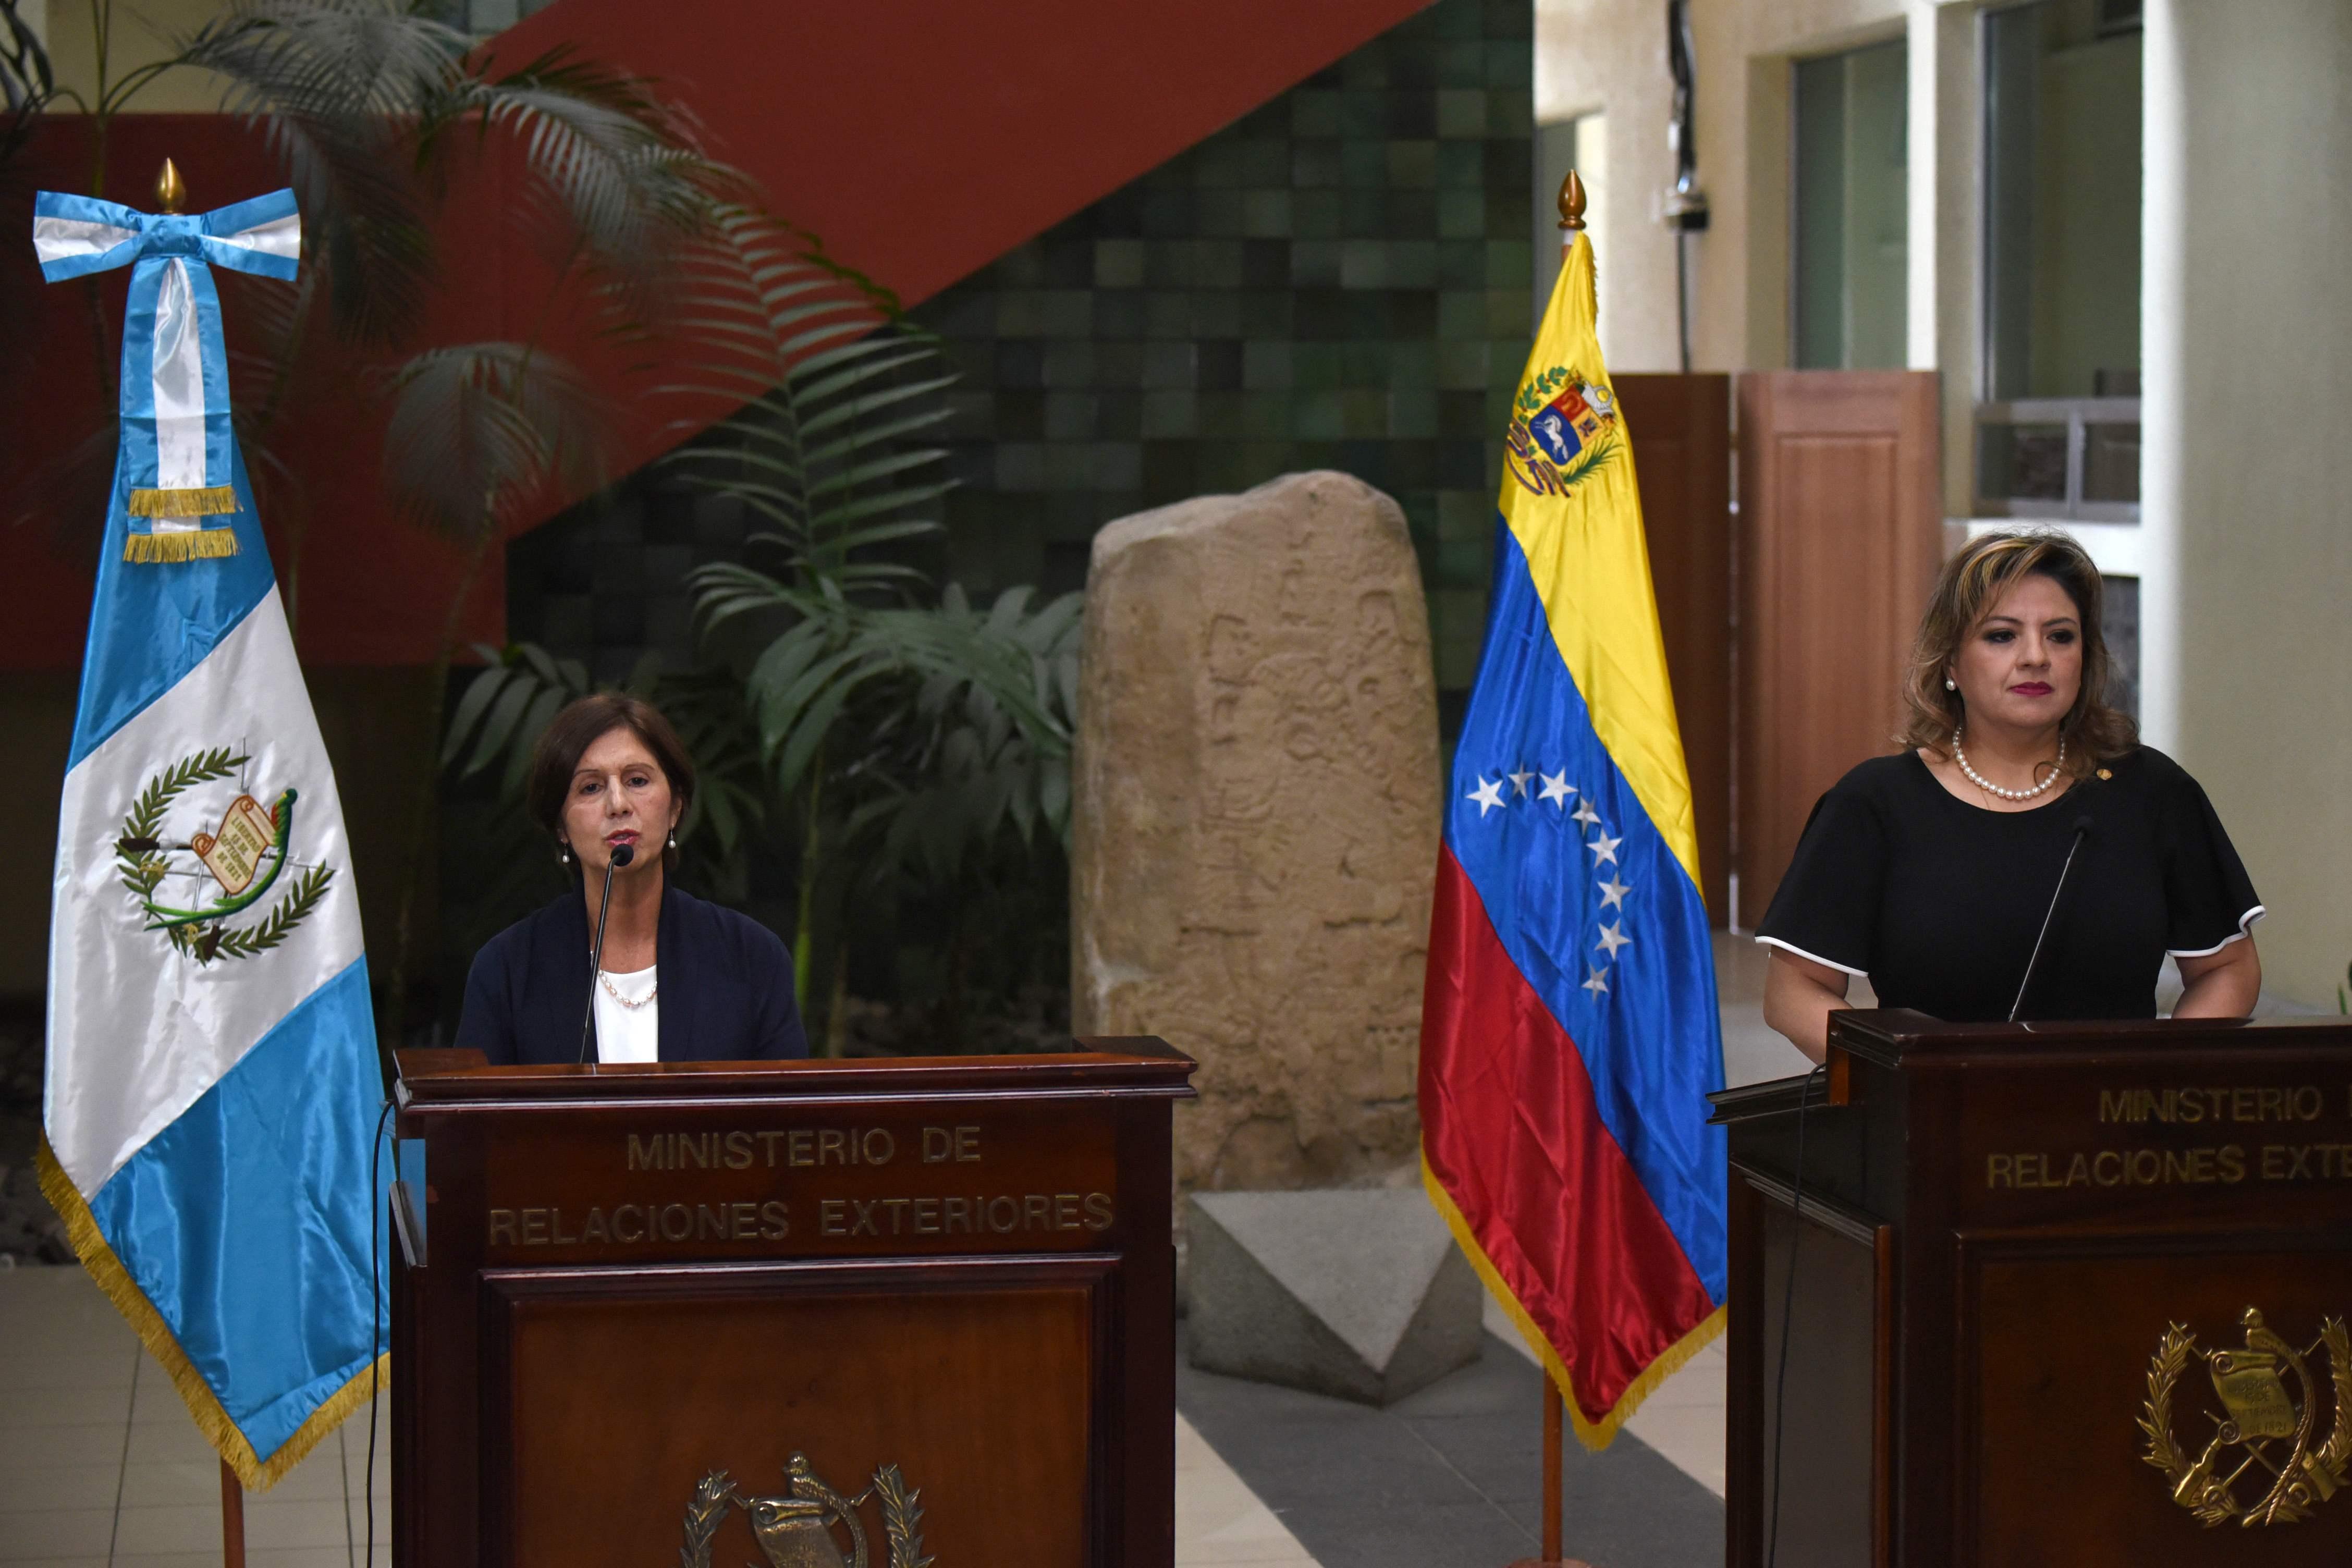 Maria Romero, nueva embajadora de Venezuela, y la canciller guatemalteca Sandra Jovel hablan a los medios de la reunión en privado que tuvieron ambas diplomáticas. (Foto Prensa Libre: AFP)